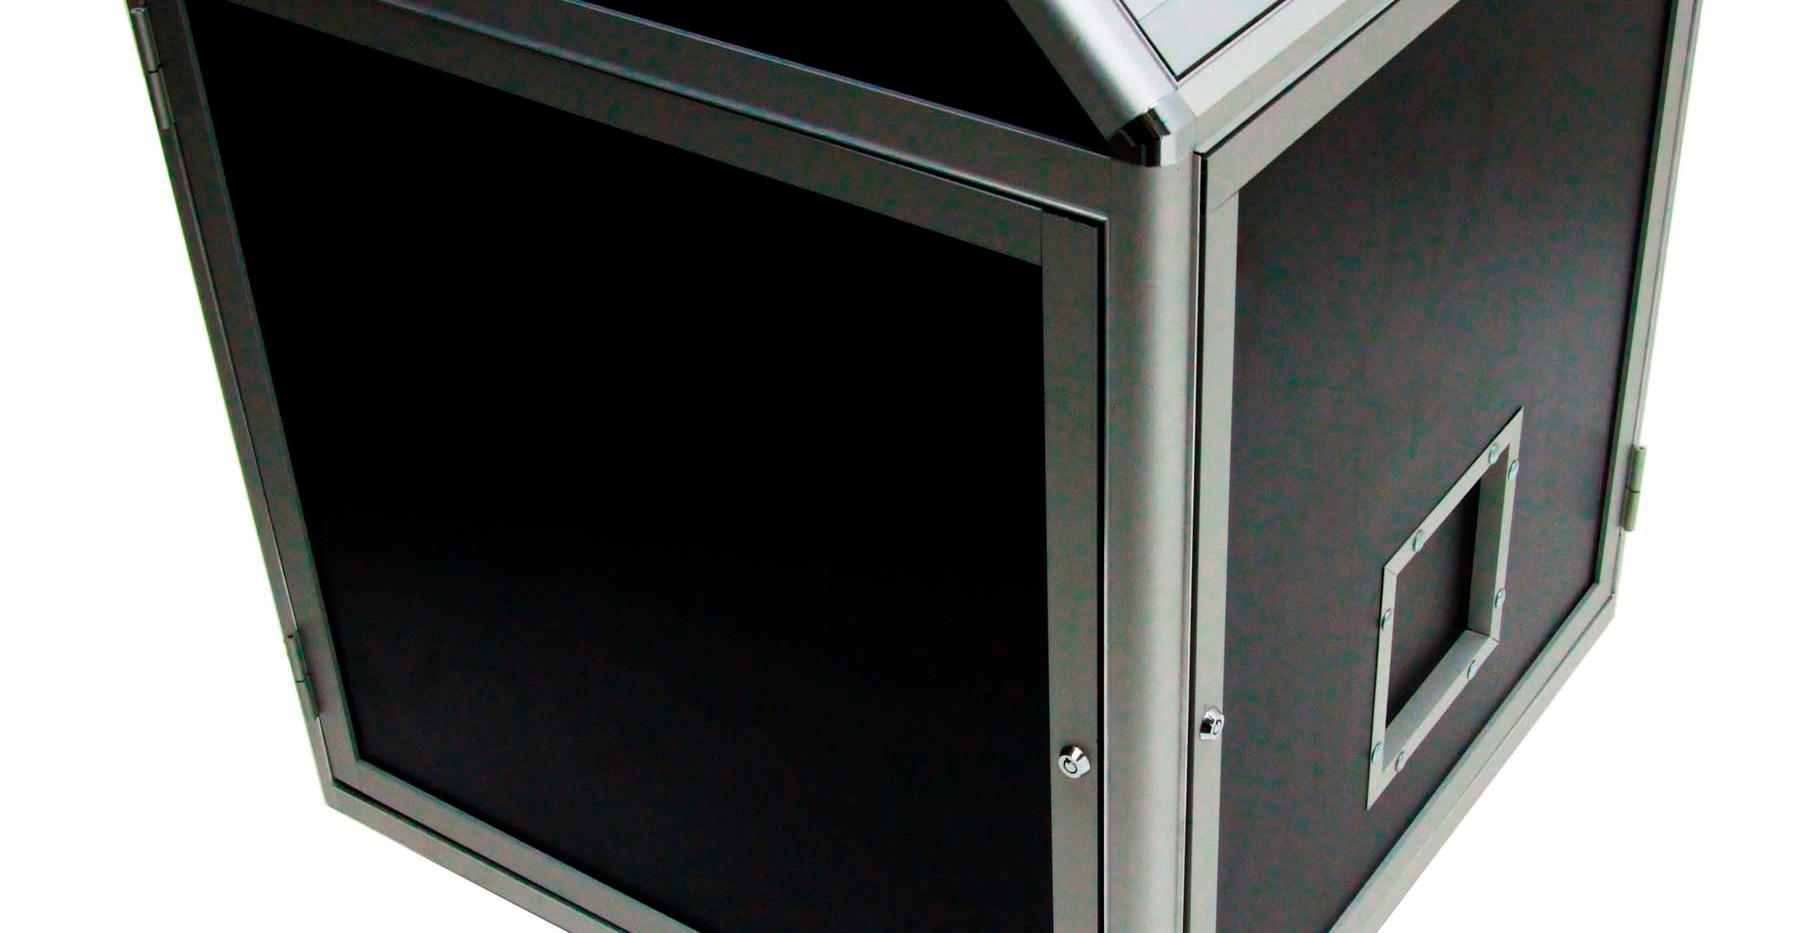 Нижняя часть Автомата Монетка 3.jpg